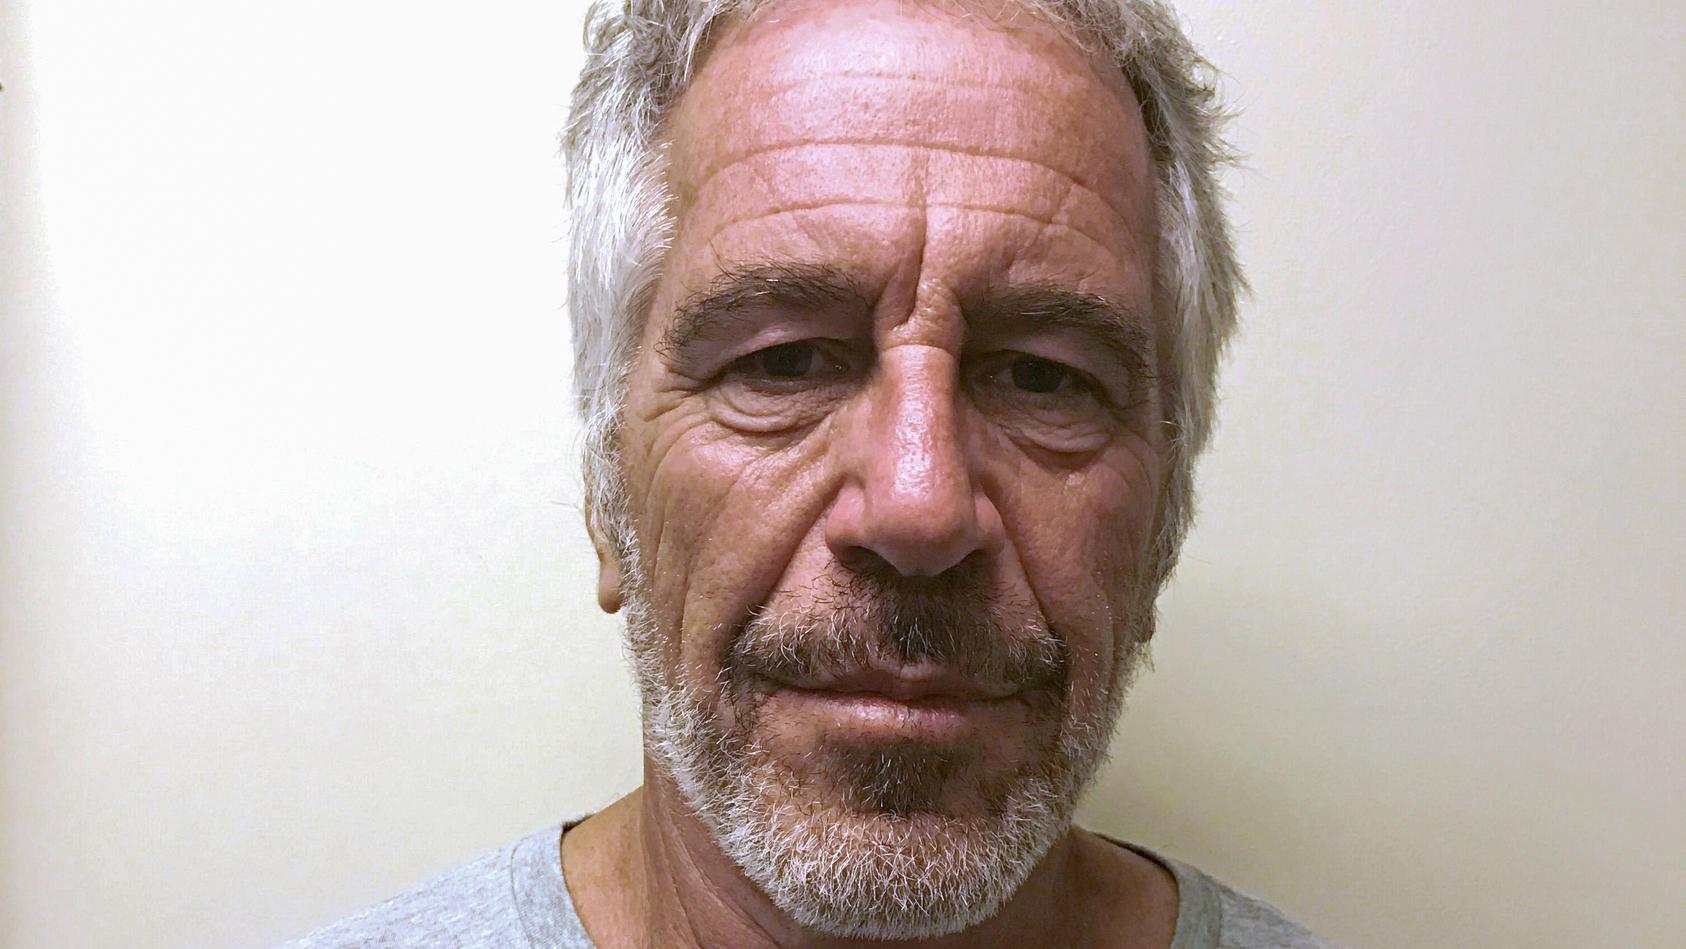 Der pädophile US-Multimillionär Jeffrey Epstein hat offenbar Selbstmord begangen.